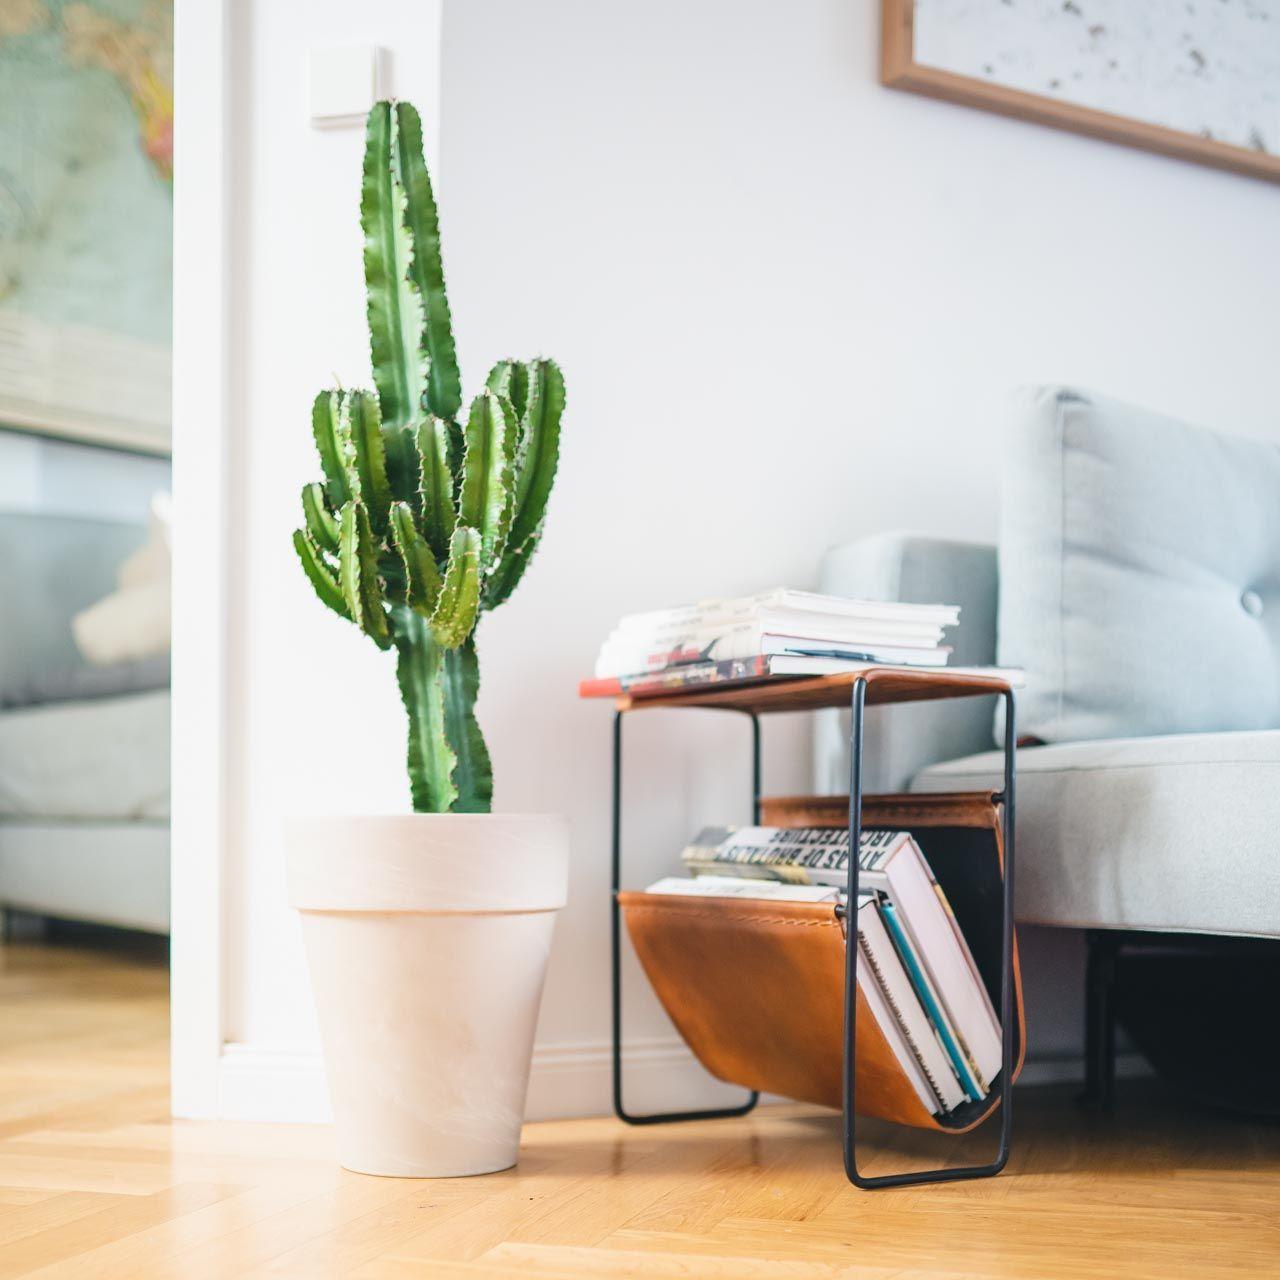 Mein Grosser Gruner Kaktus In 2020 Zuhause Zimmerpflanzen Pflanzen